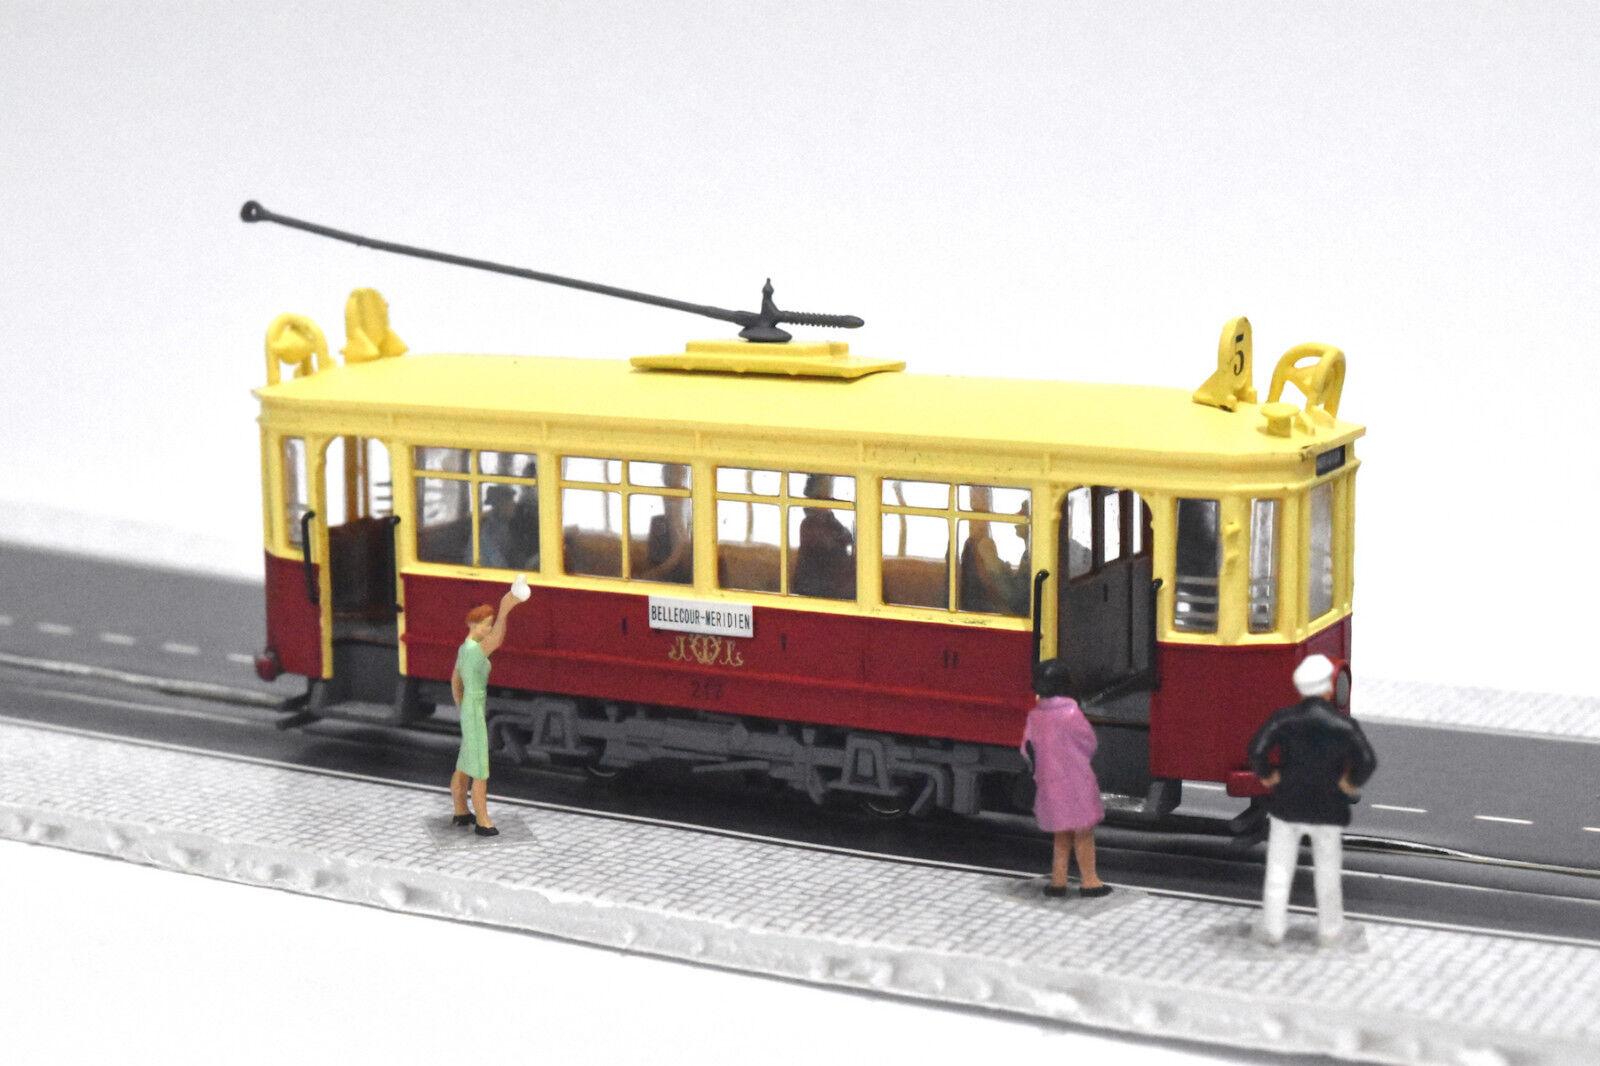 Lyon Motrice B tram - 1926 HO N gauge (HOe) - motorized figures KATO ATLAS